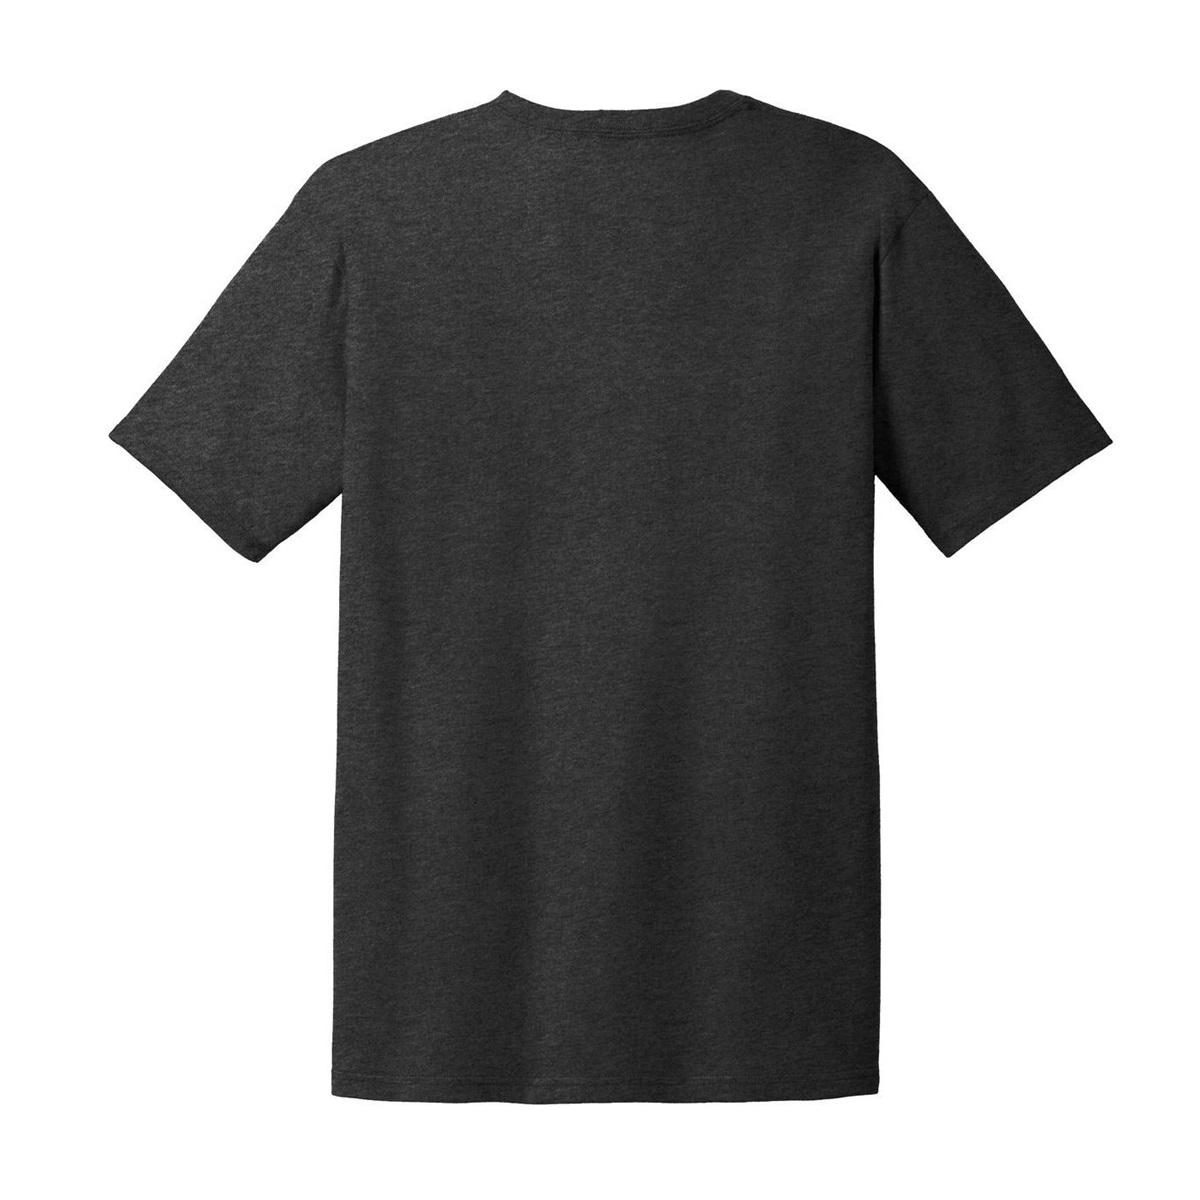 Anvil 980 Ring Spun Cotton T Shirt Heather Dark Grey